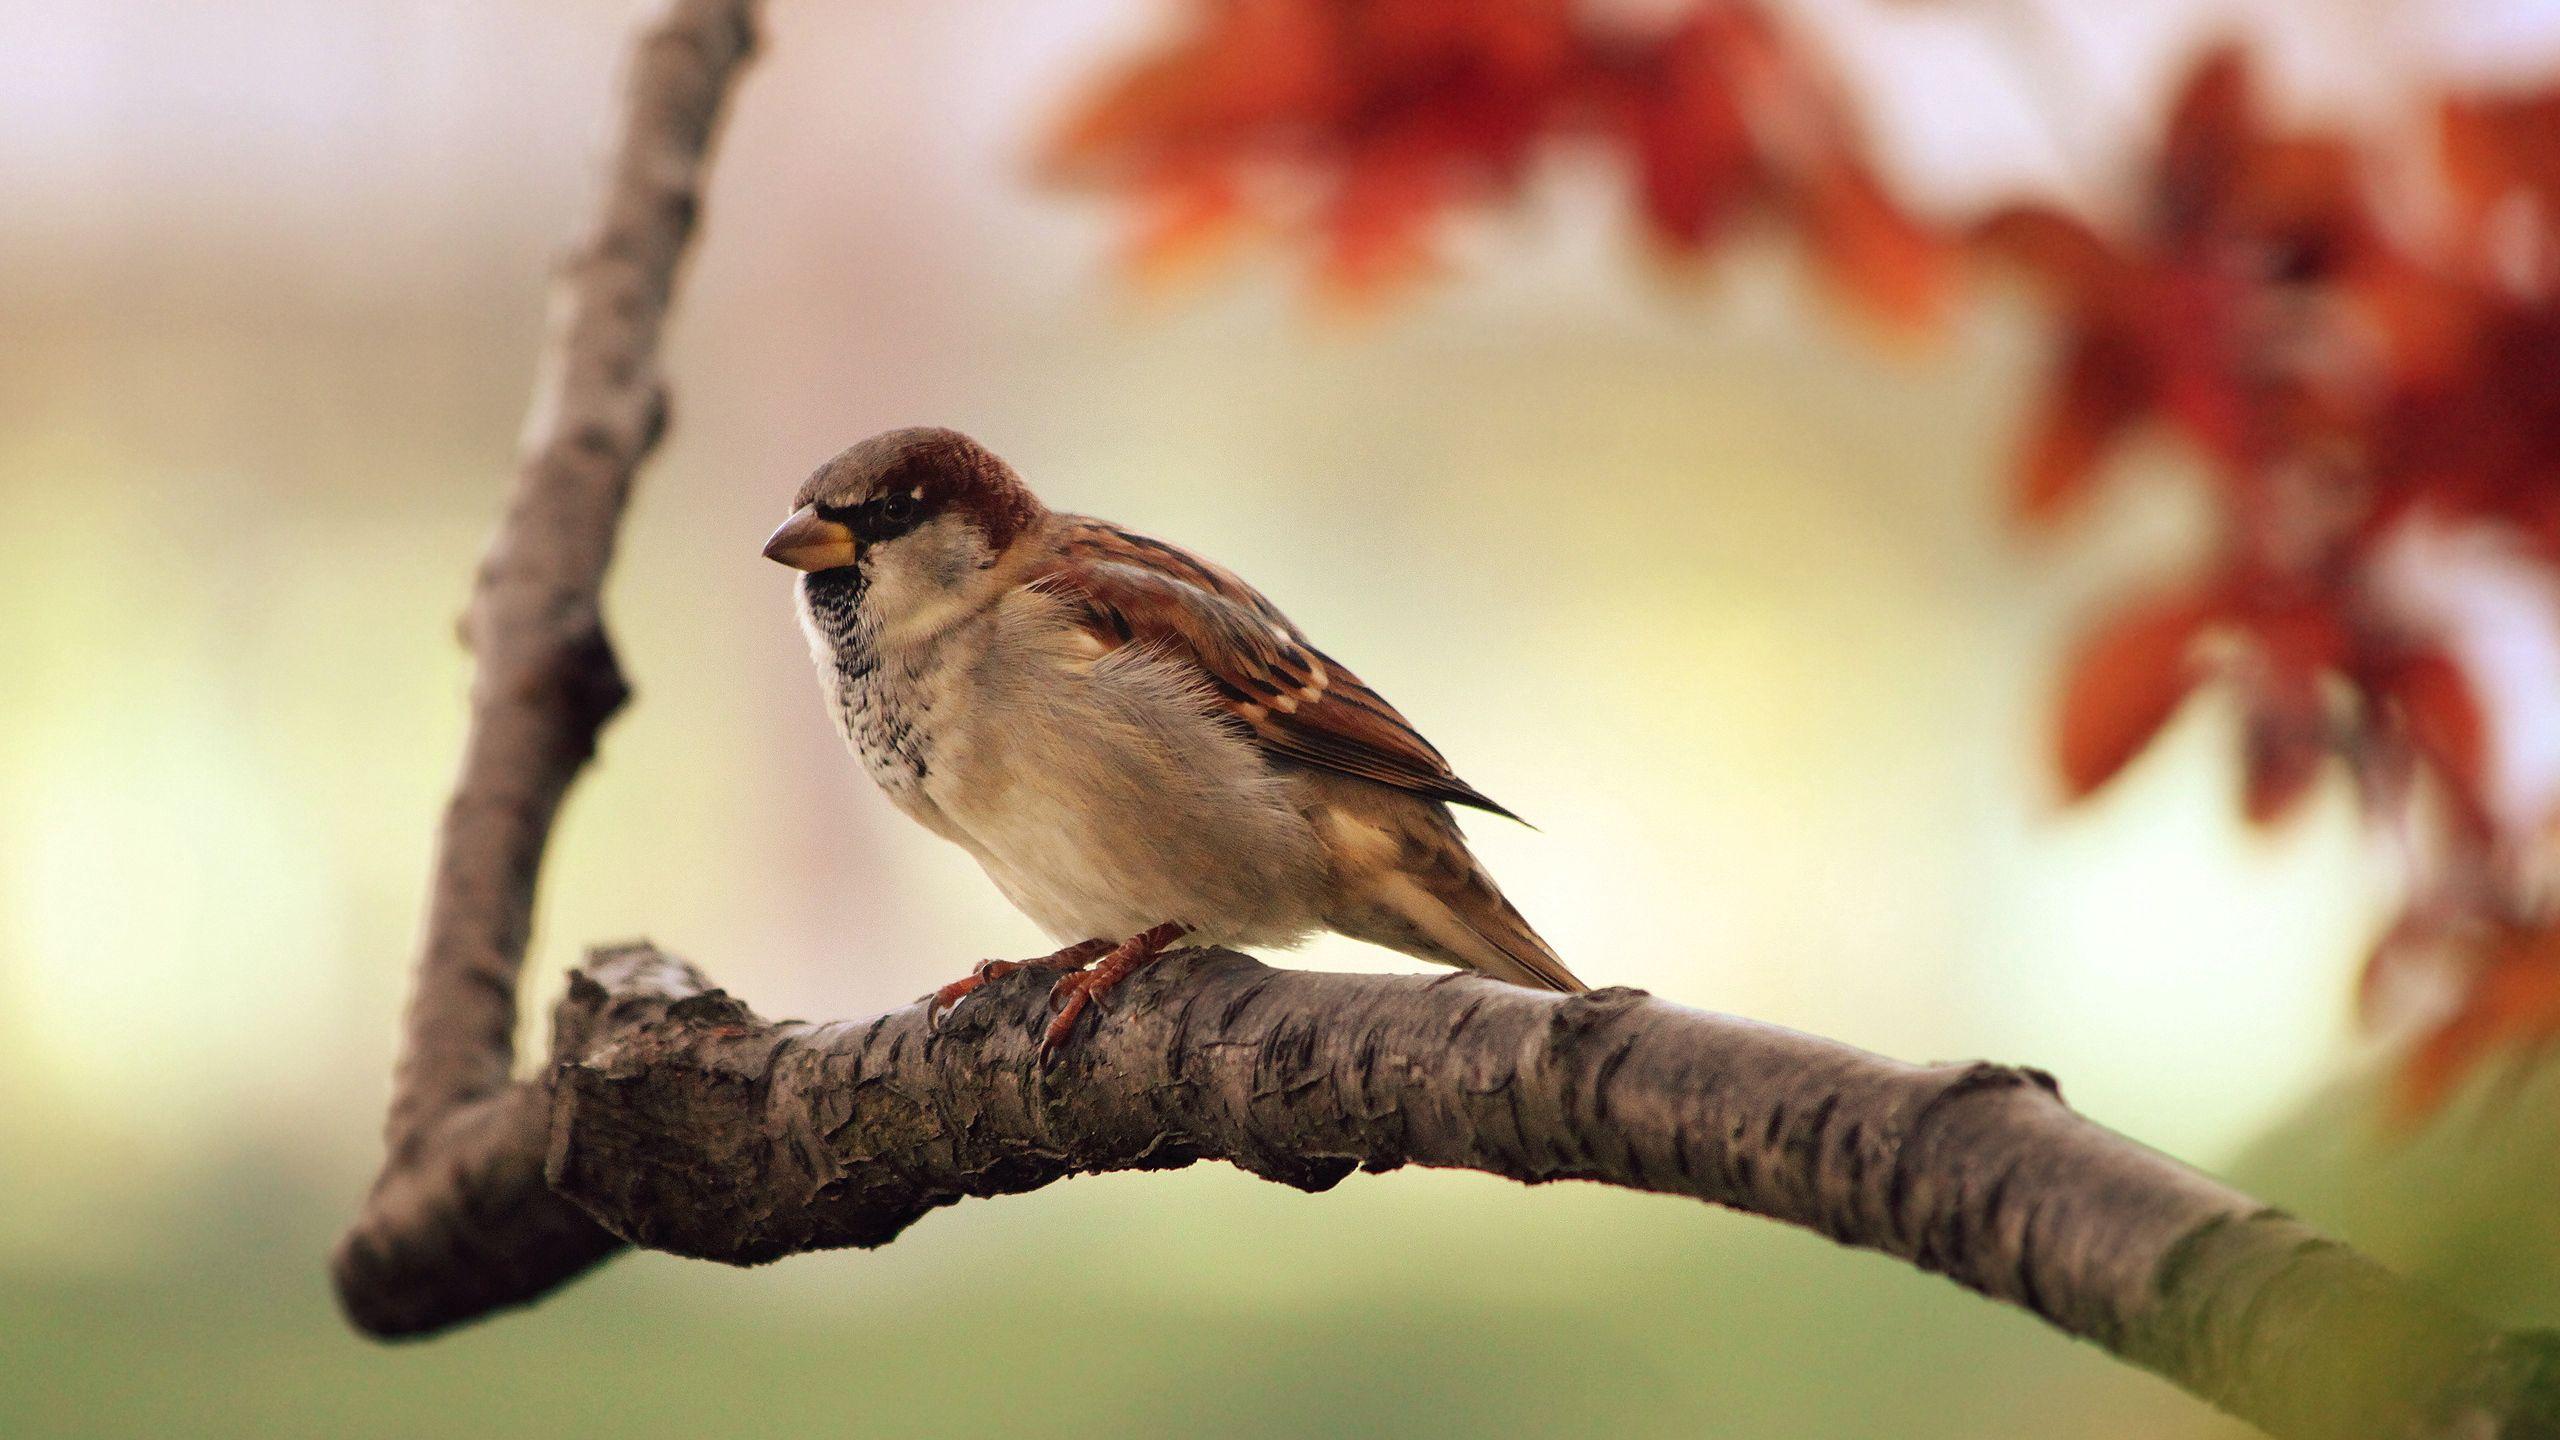 108529 скачать обои Животные, Воробей, Листья, Дерево, Ветка, Птица - заставки и картинки бесплатно